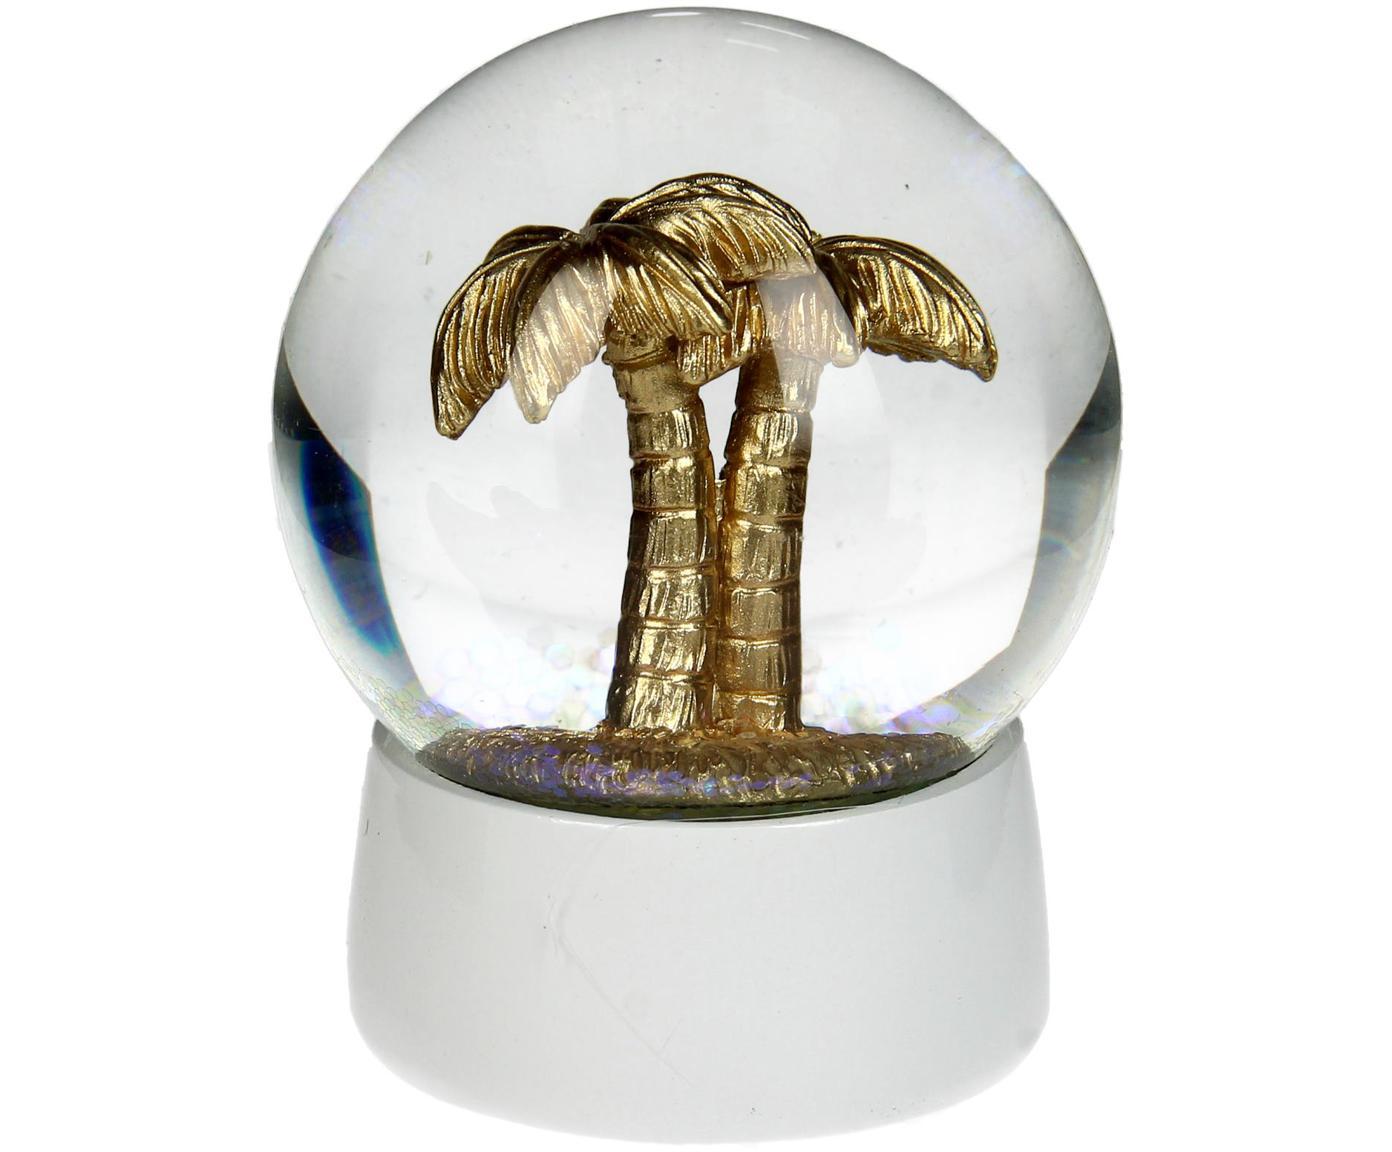 Deko-Objekt Palm Tree, Weiß, Goldfarben, Ø 7 x H 8 cm